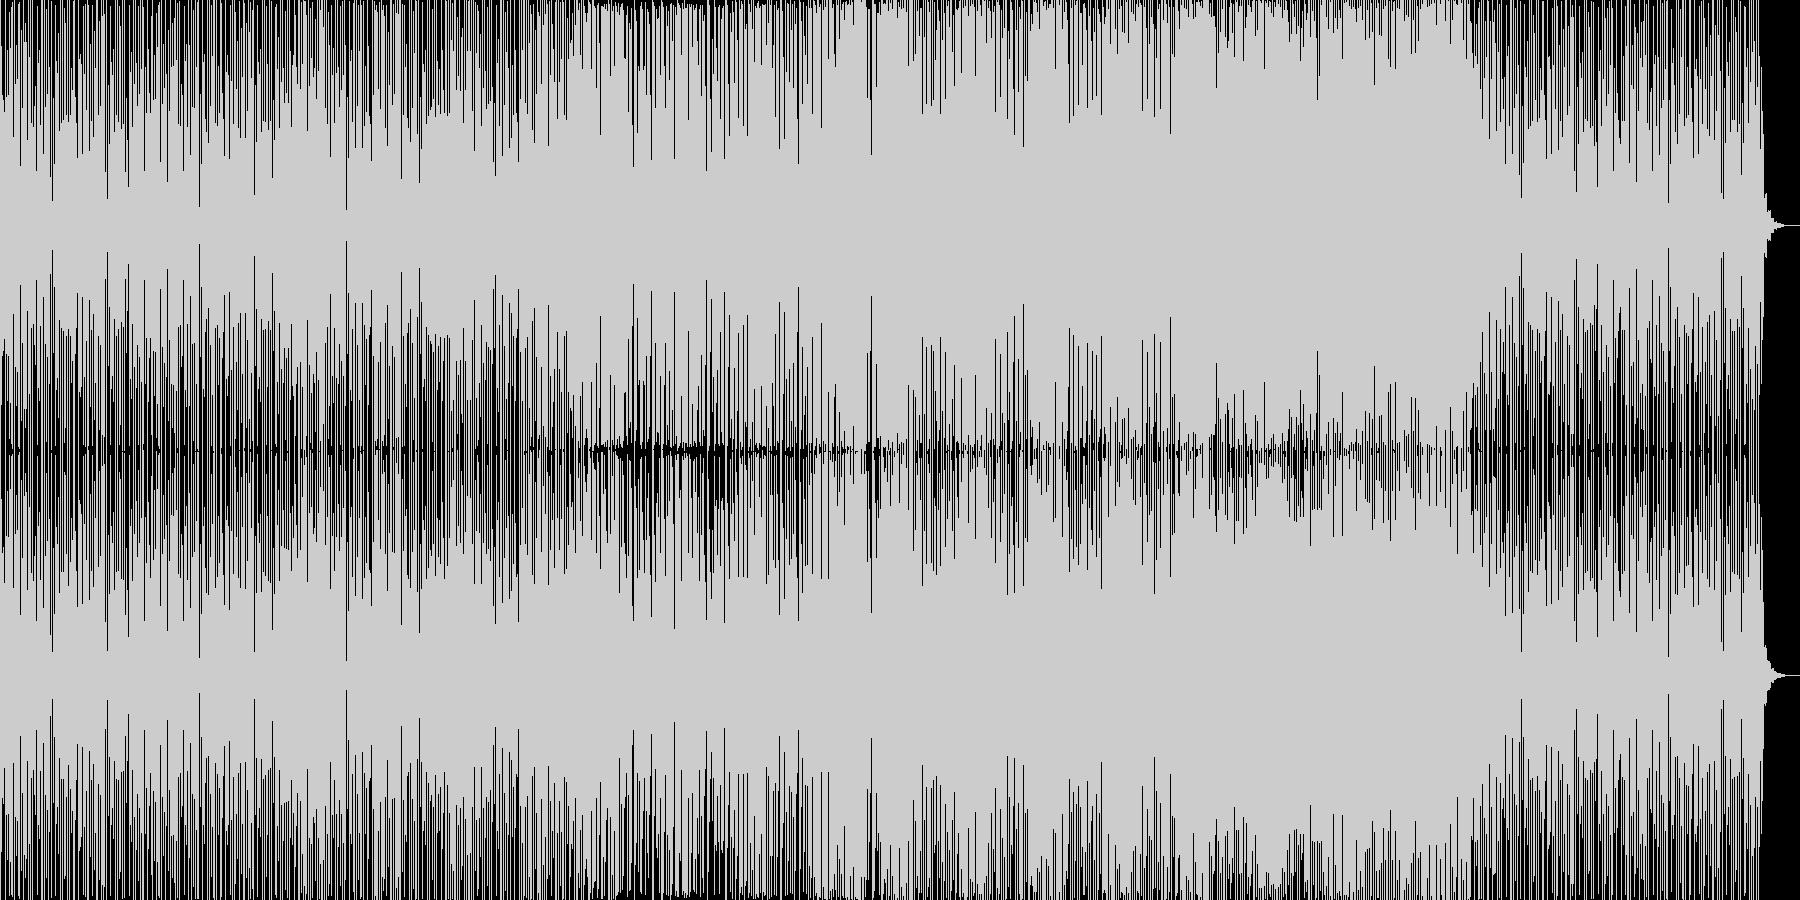 トレンドを抑えたドラムンベースの未再生の波形